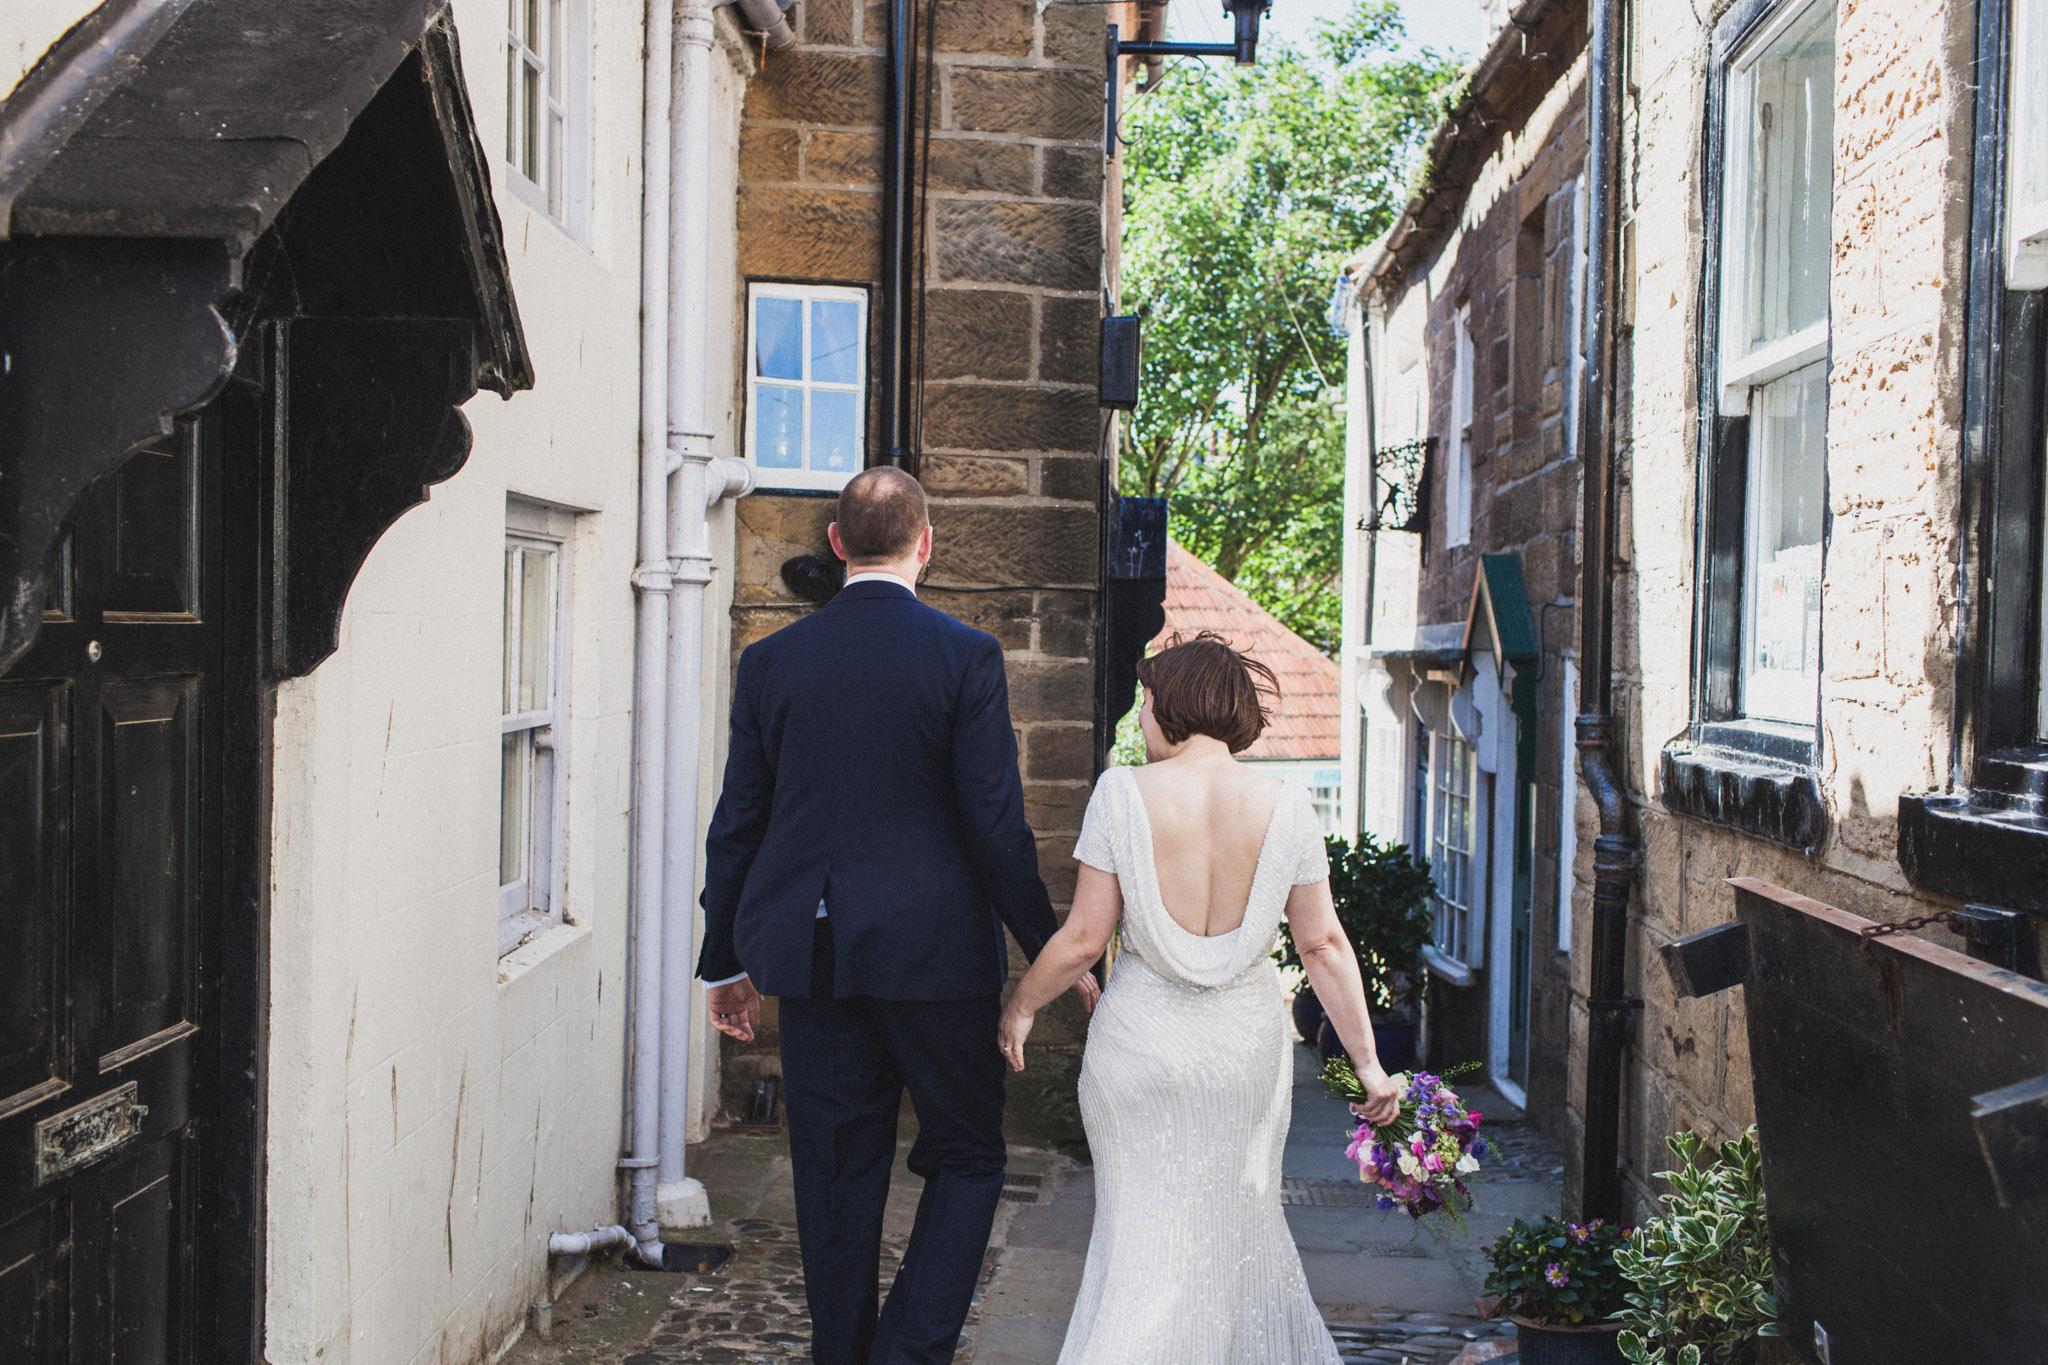 wedding_robin_hoods_bay_whitby_056.jpg